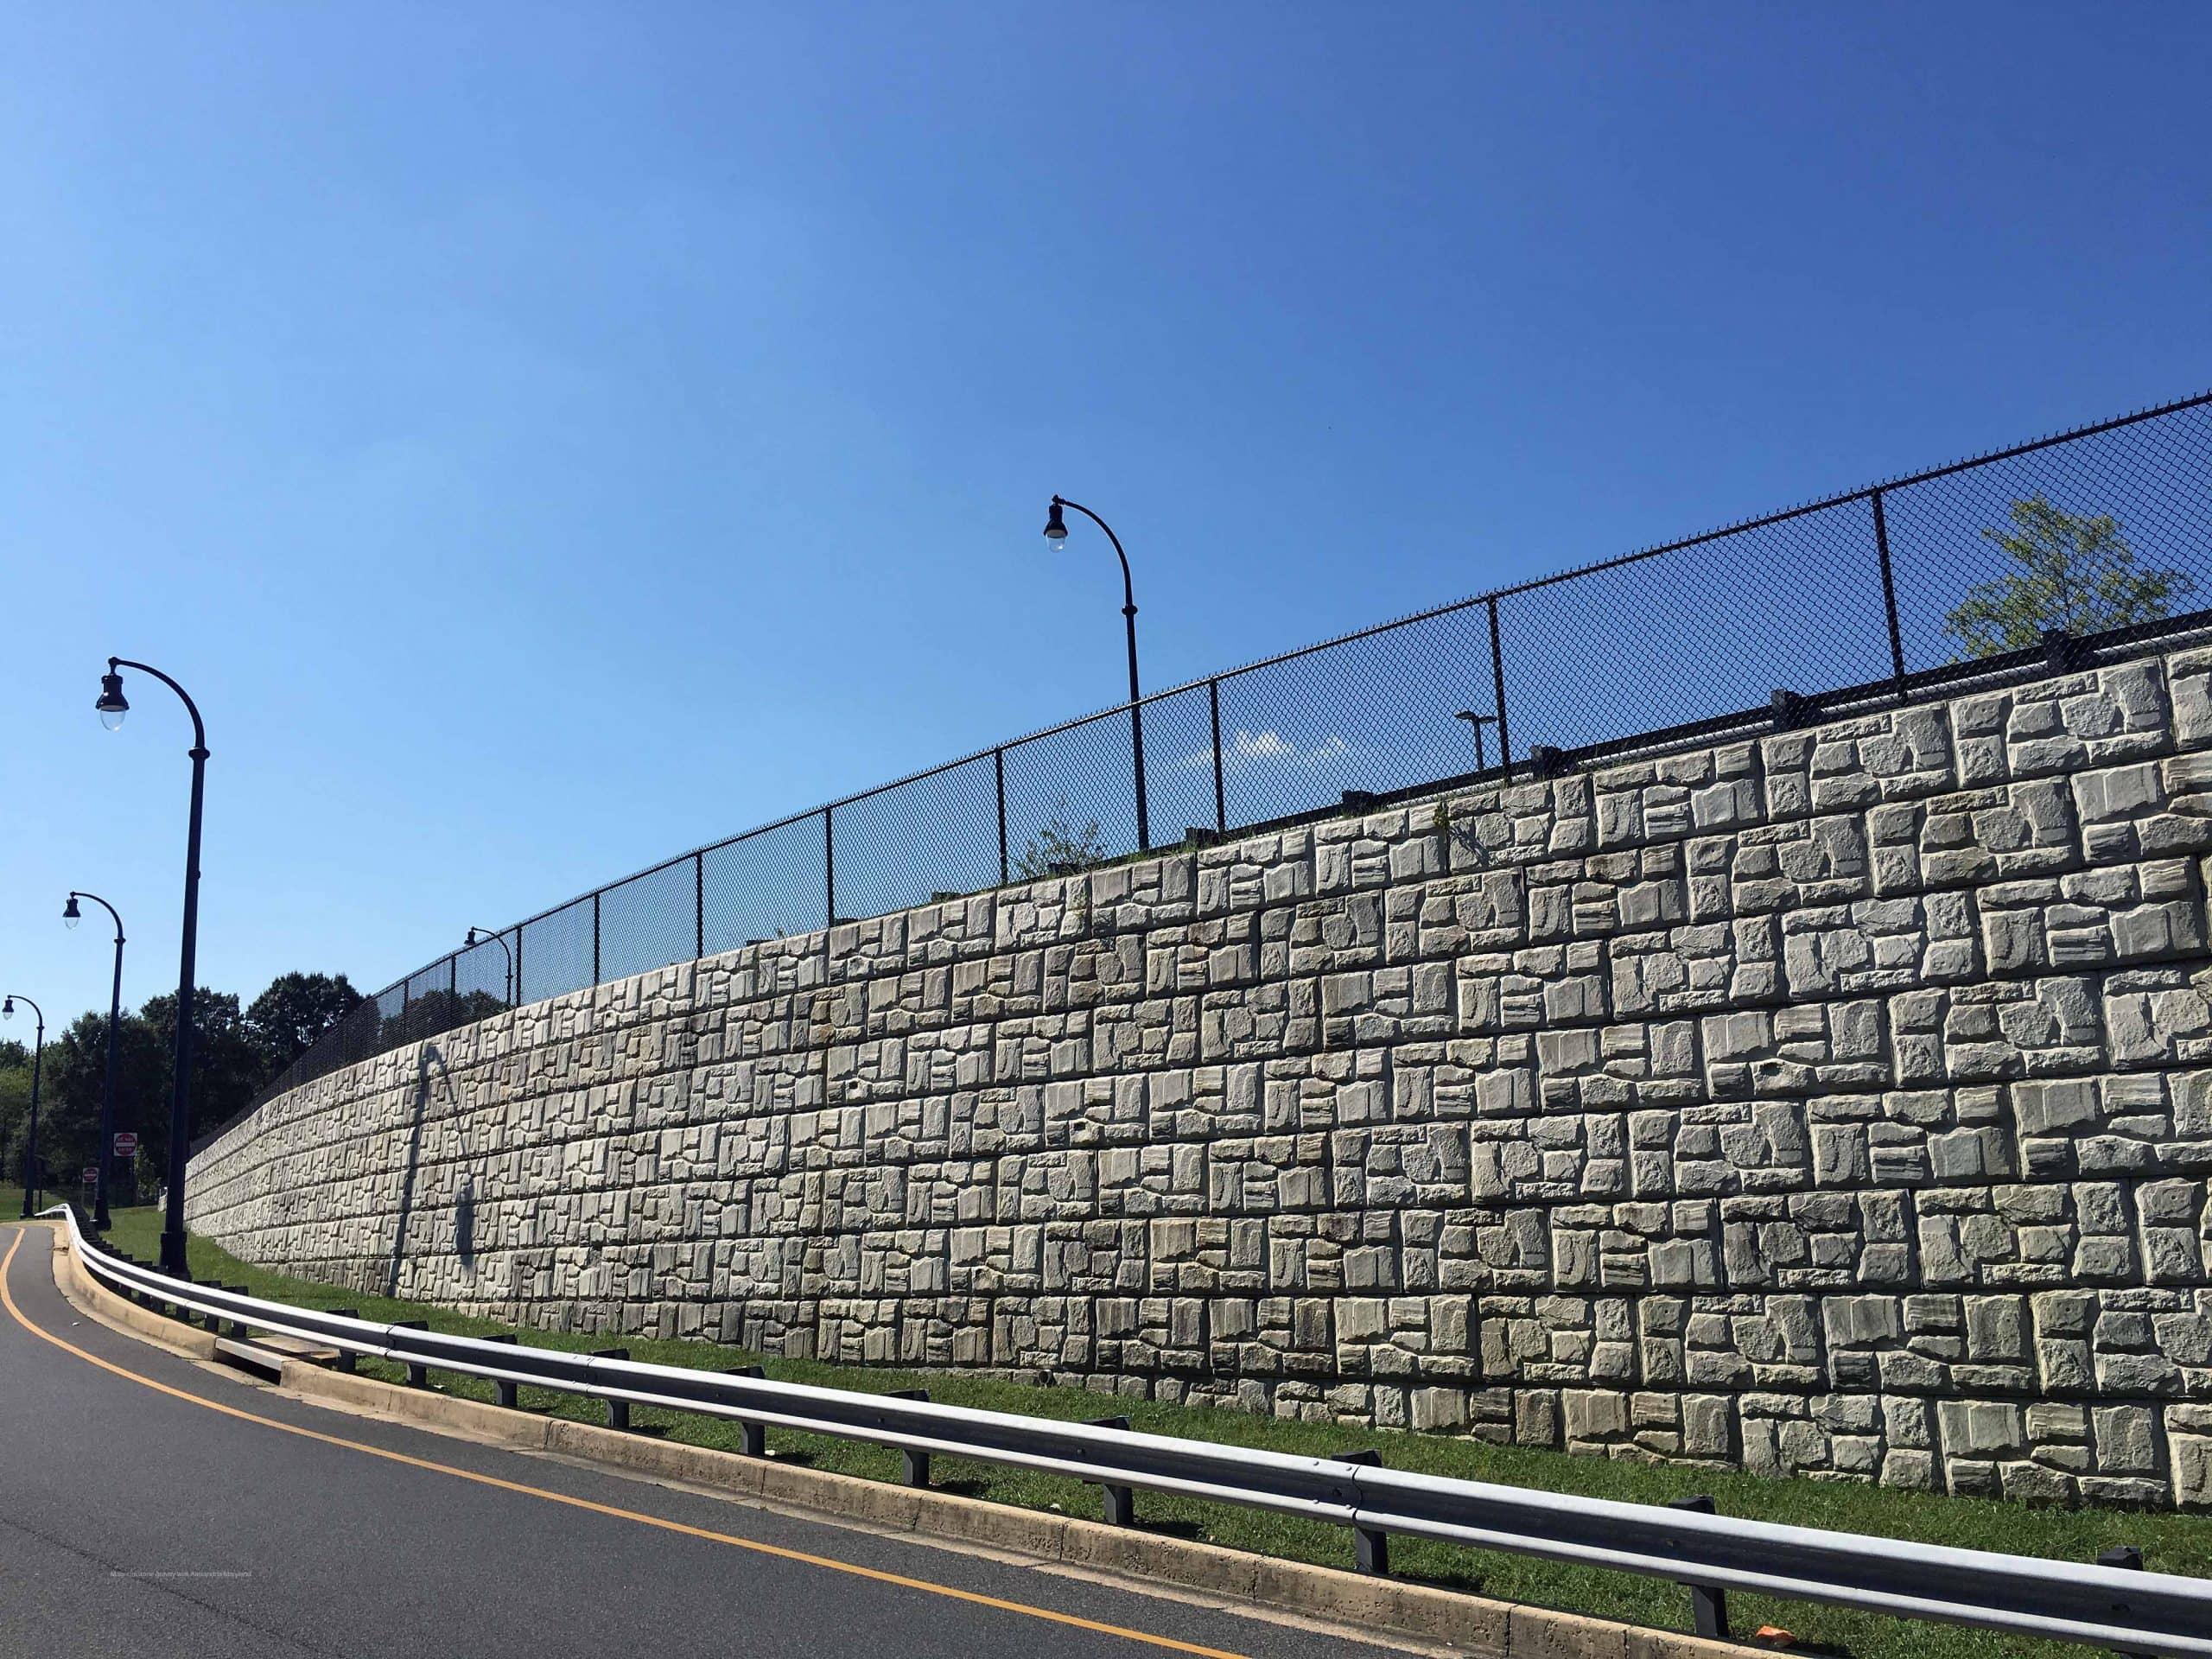 MGM Casino - Gravity Retaining Wall